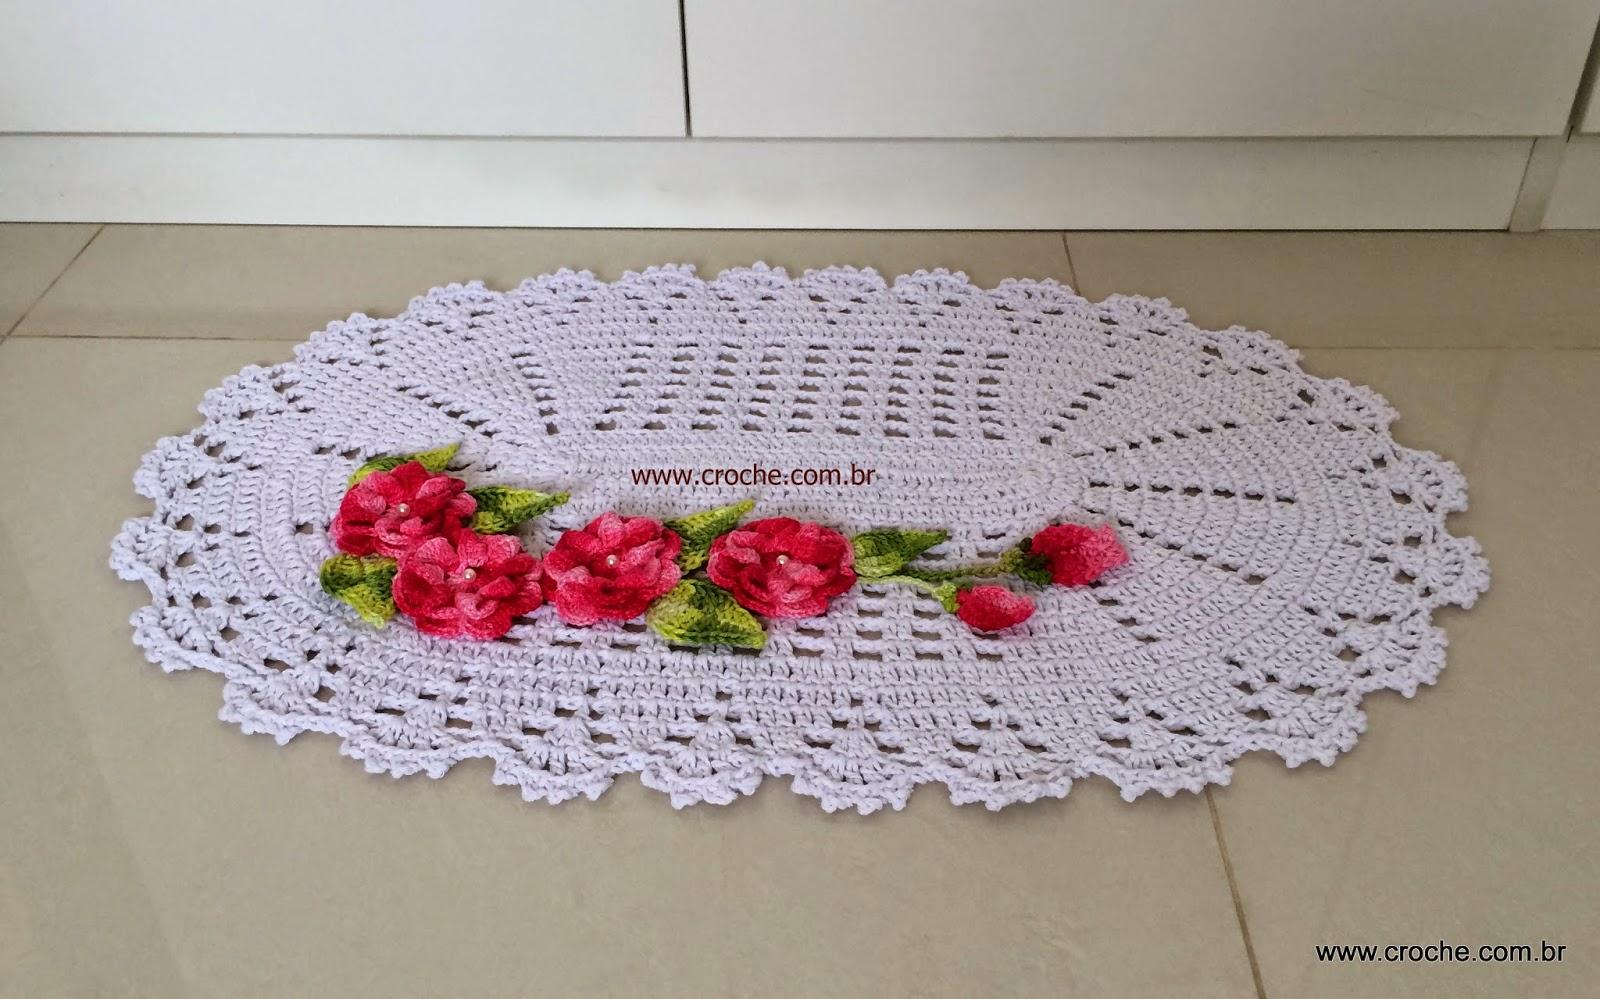 Tapete Oval Em Croch Com Aplica O De Flores Passo A Passo 1  -> Tapete De Croche Oval Simples Passo A Passo